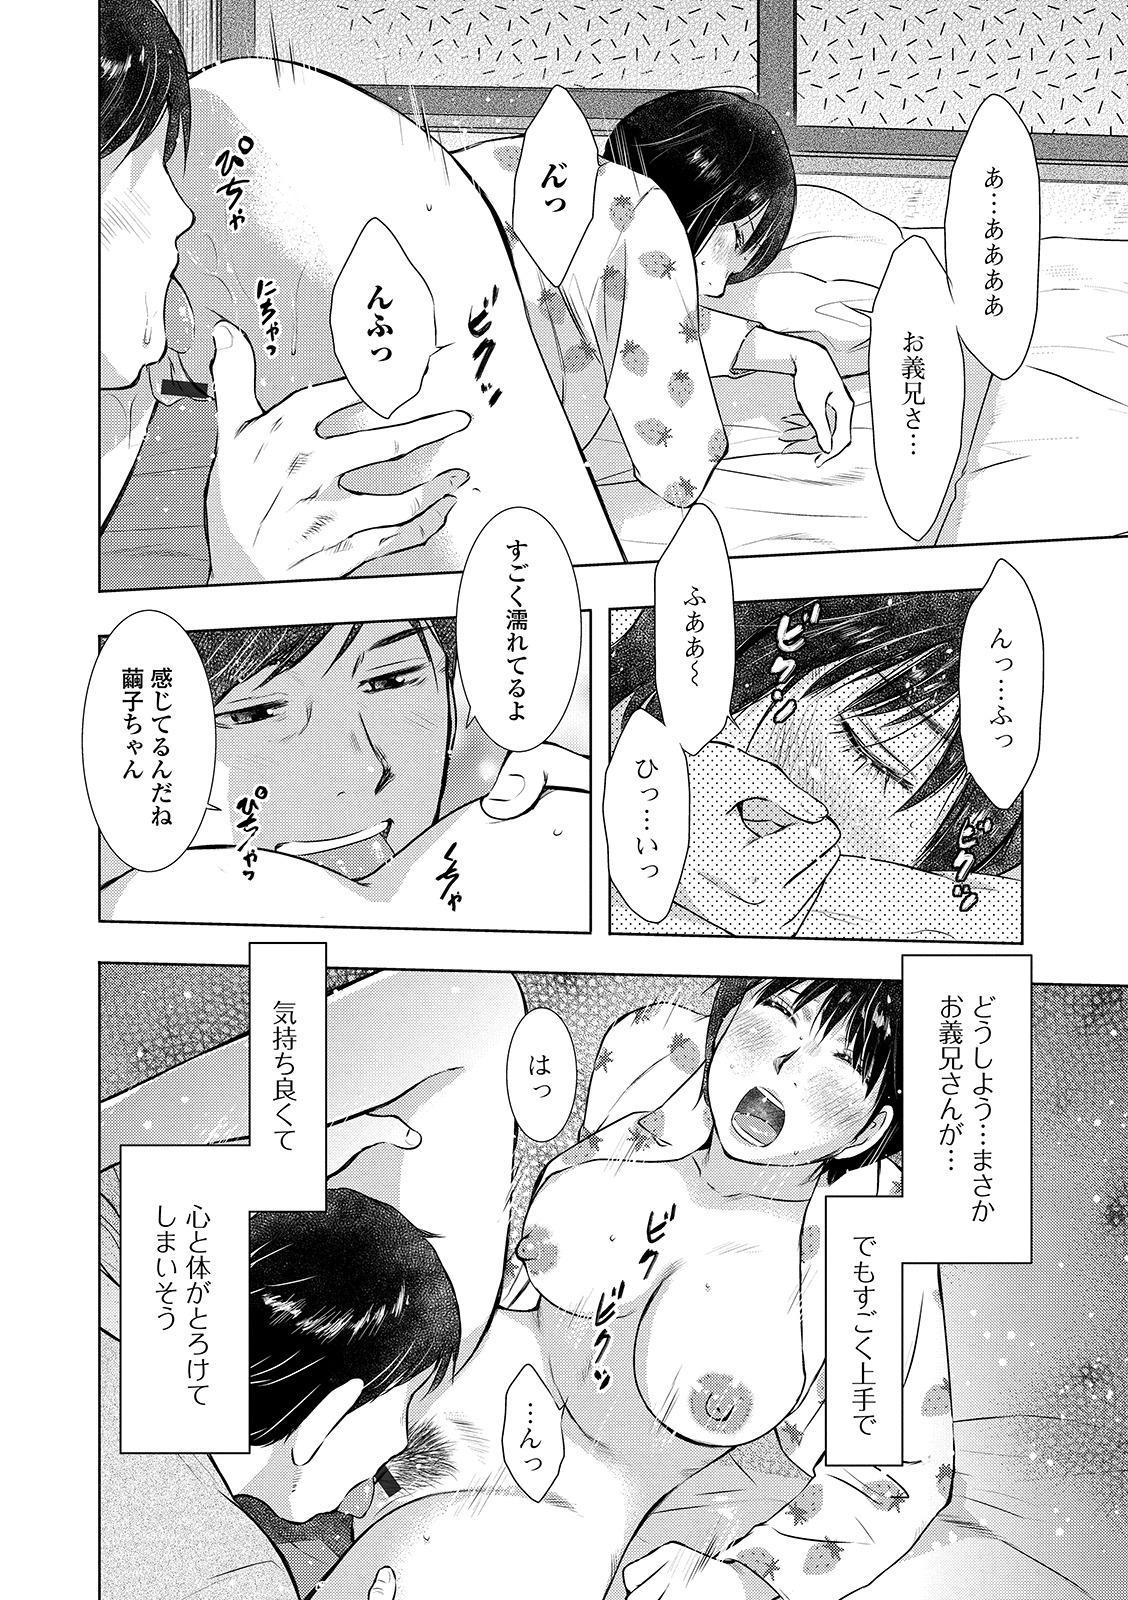 Web Haishin Gekkan Tonari no Kininaru Oku-san Vol. 033 7